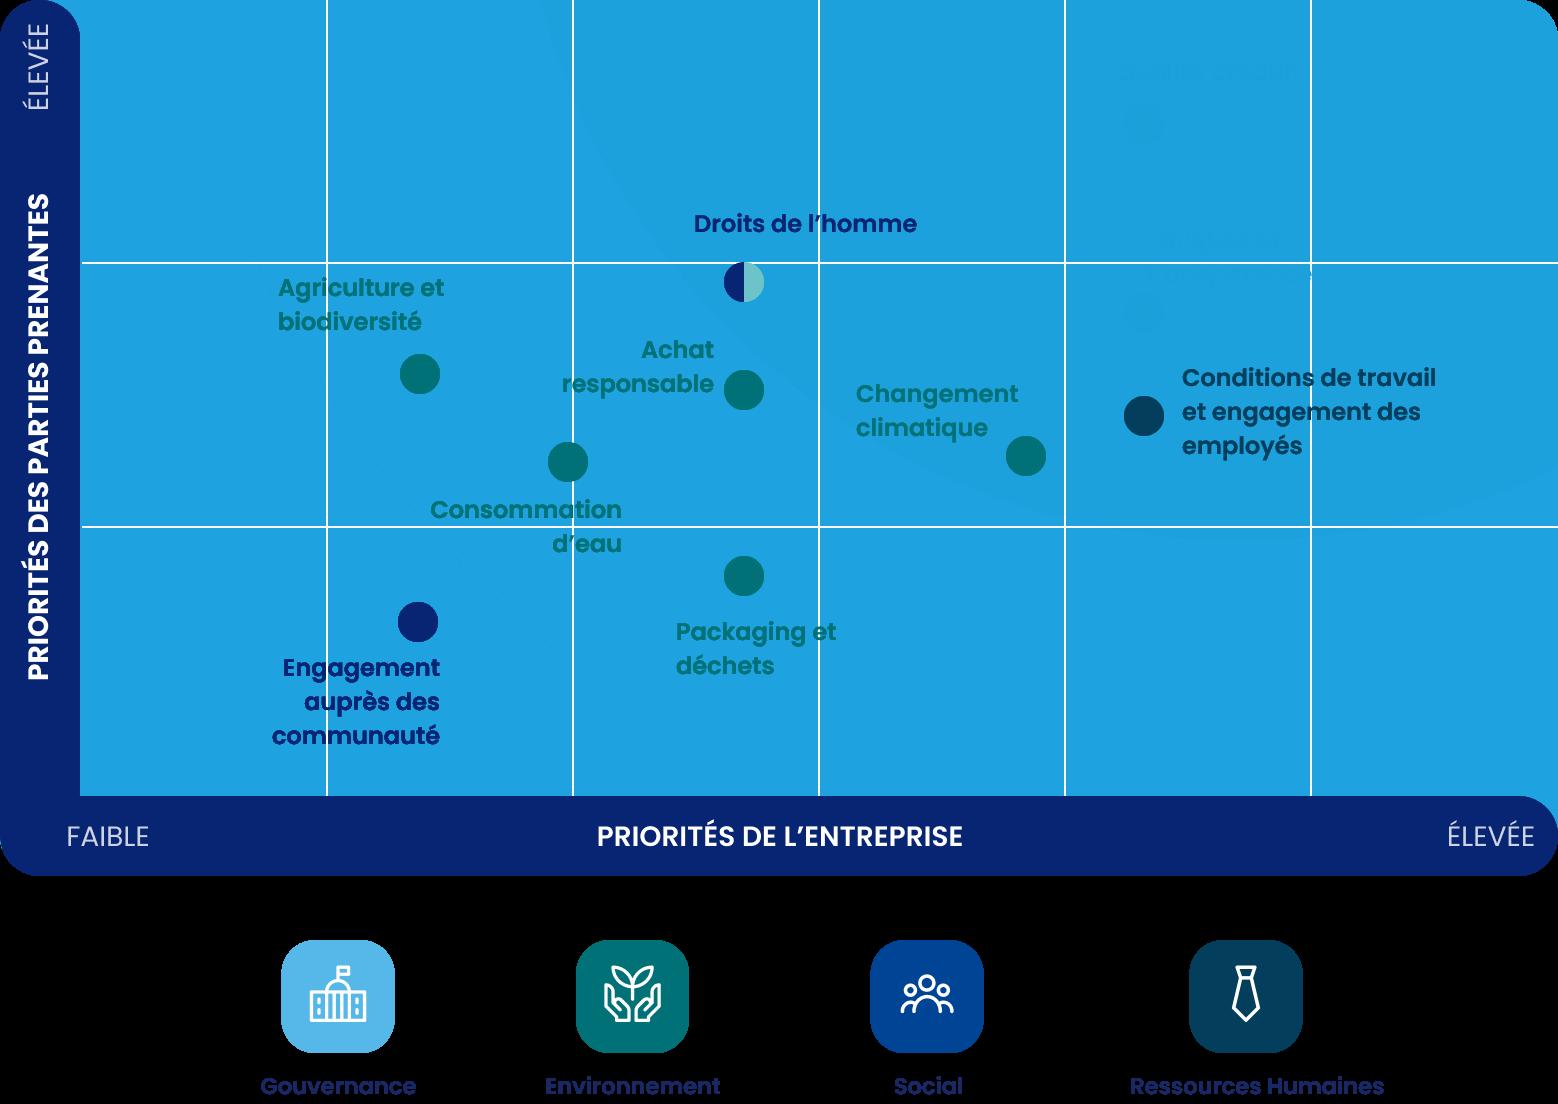 Faites votre étude de matérialité avec Metrio pour prioriser vos enjeux RSE afin d'améliorer votre performance en développement durable